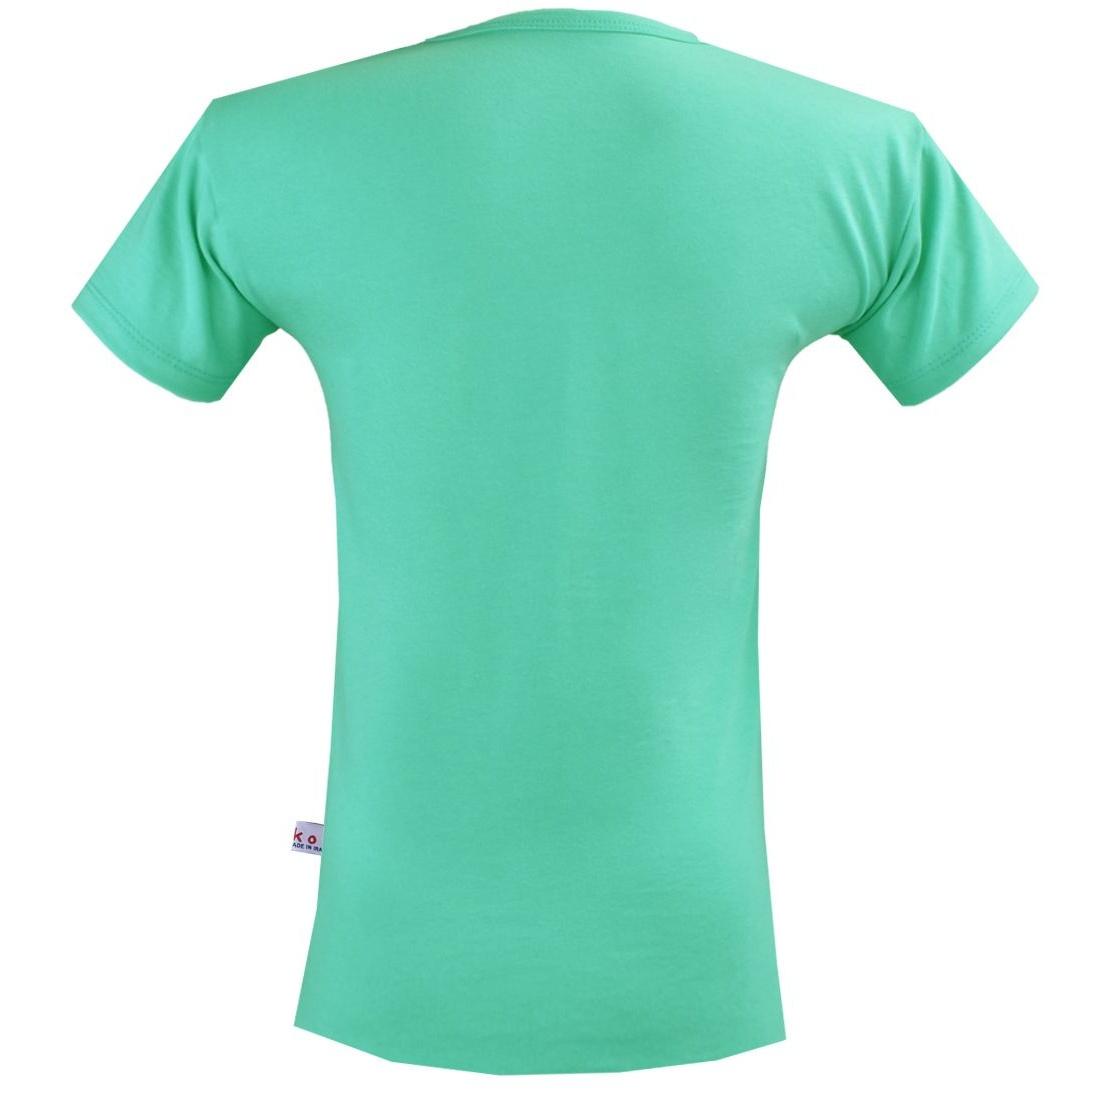 تی شرت نه آکو طرح کیتی کد BC99